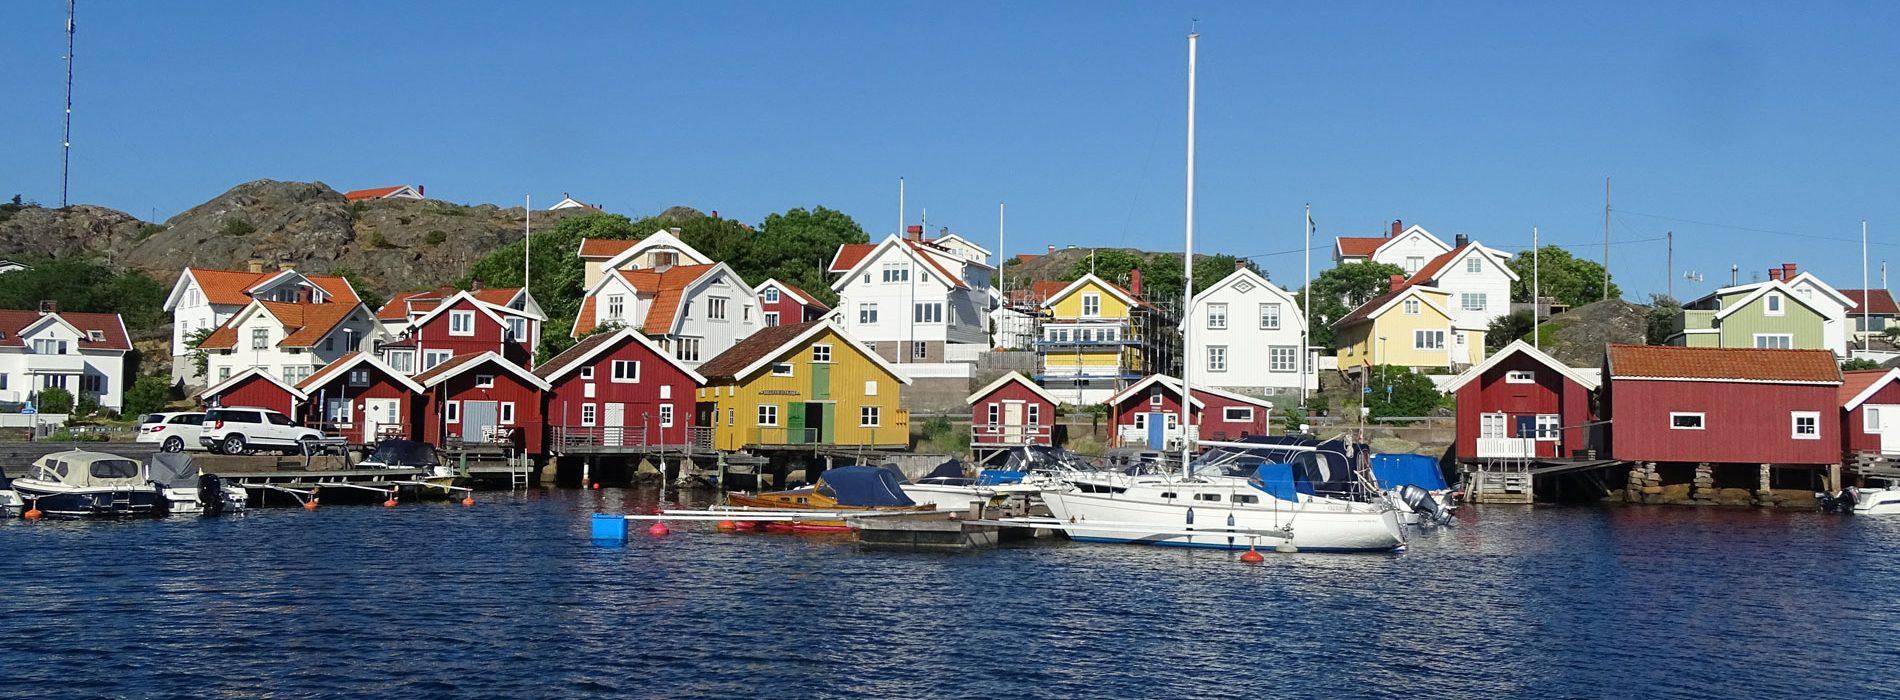 Gothenburg-sailing-halleviksstrand-header